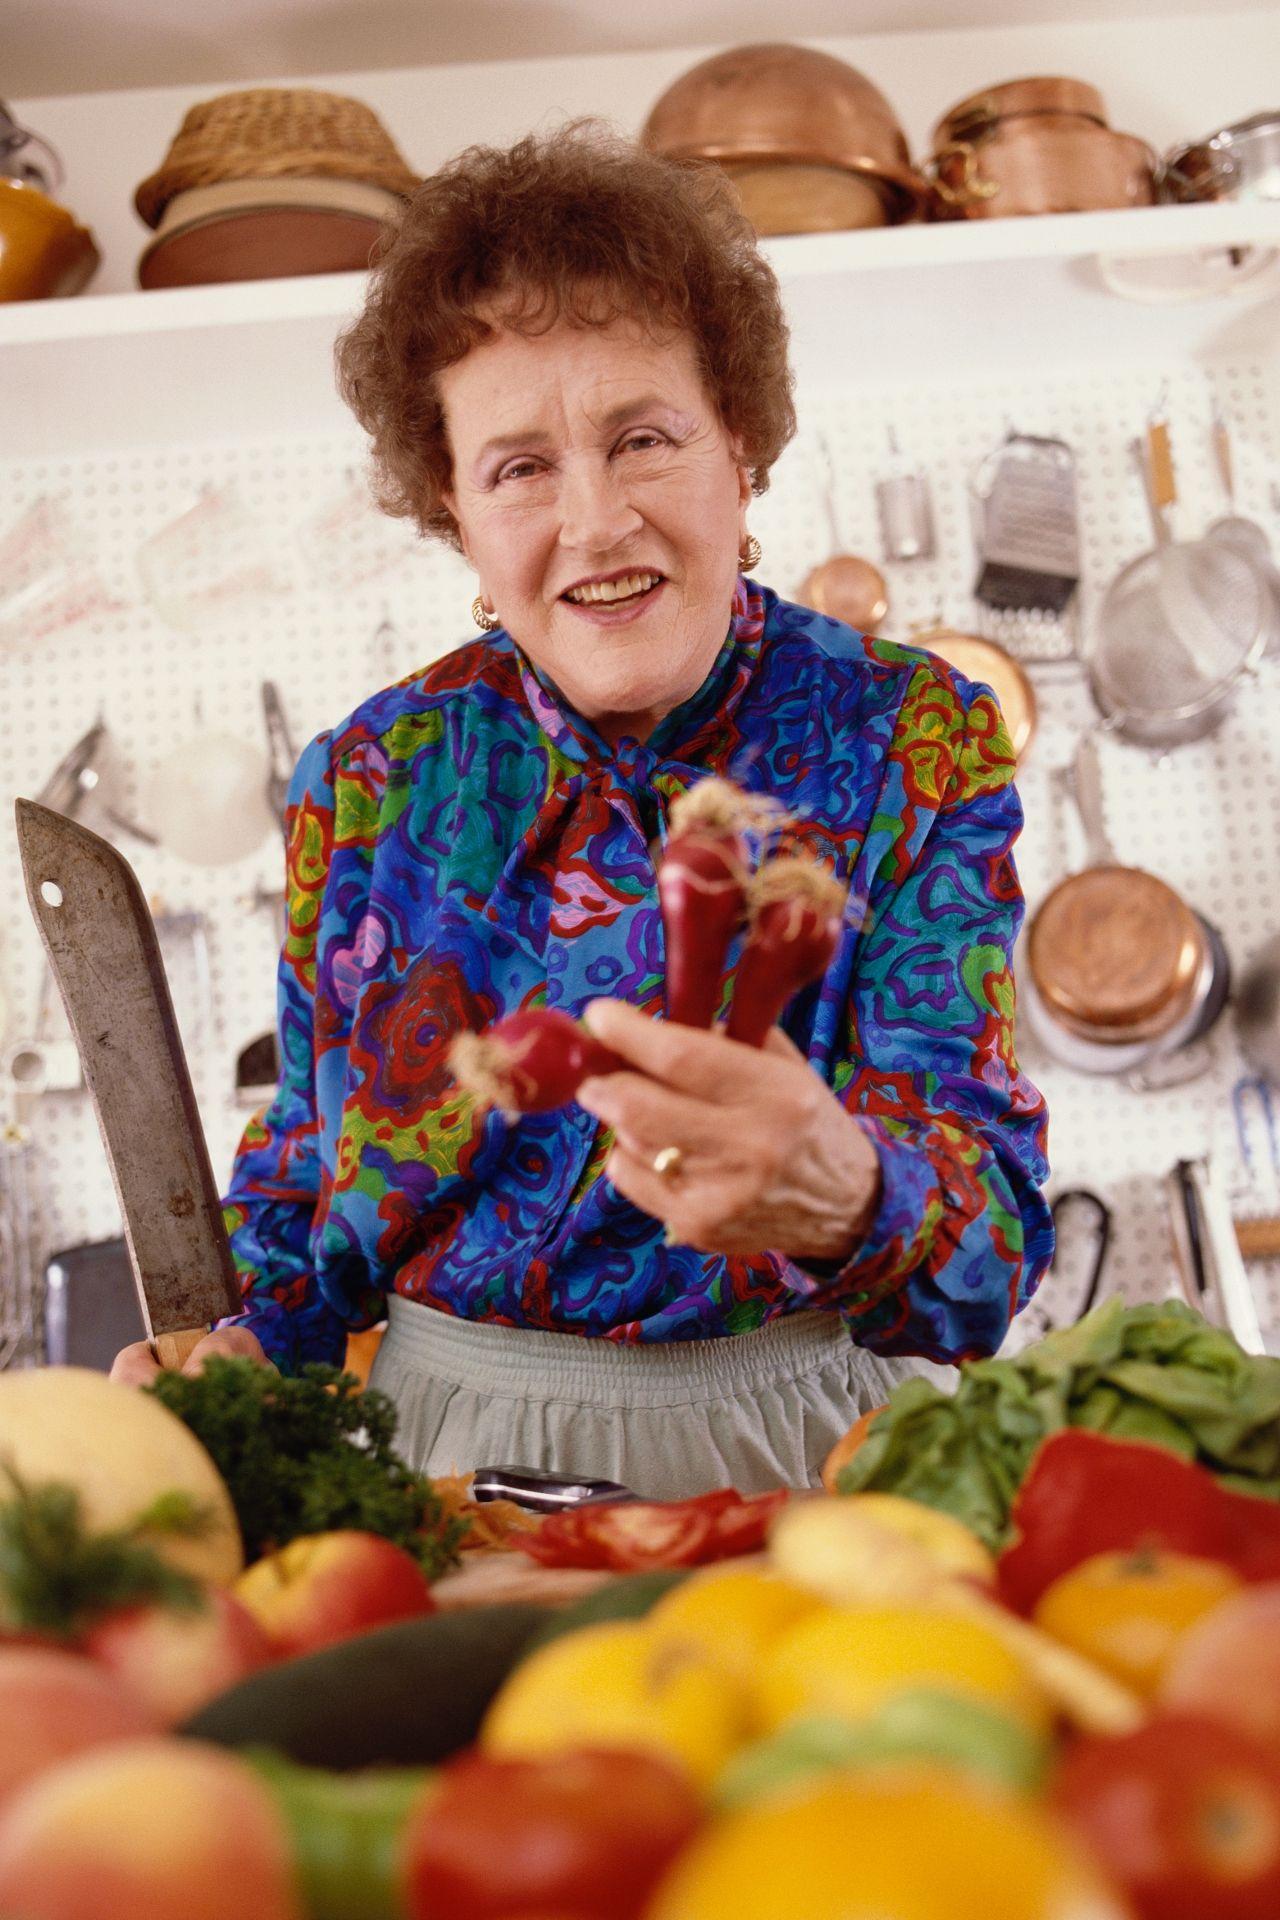 Julia Child in her kitchen (Photo by © Aaron Rapoport/CORBIS OUTLINE/Corbis via Getty Images)